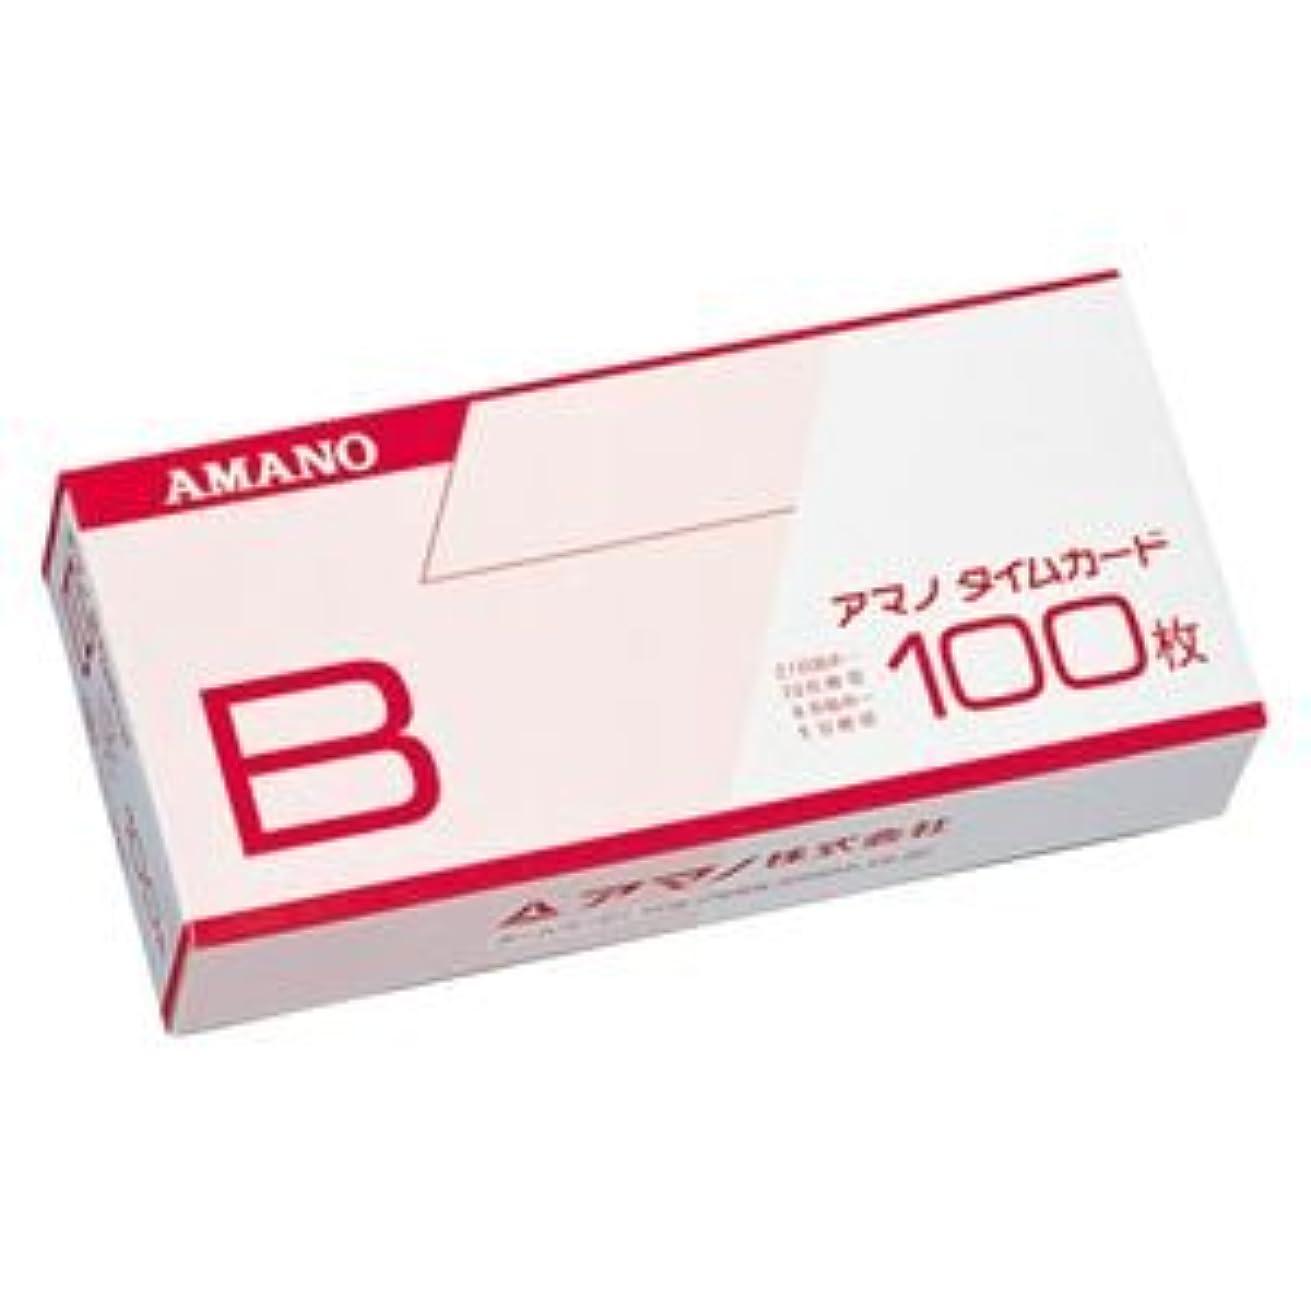 有力者滅びるフクロウ(業務用セット) アマノ タイムカード (標準)Bカード 1箱入 【×3セット】 〈簡易梱包